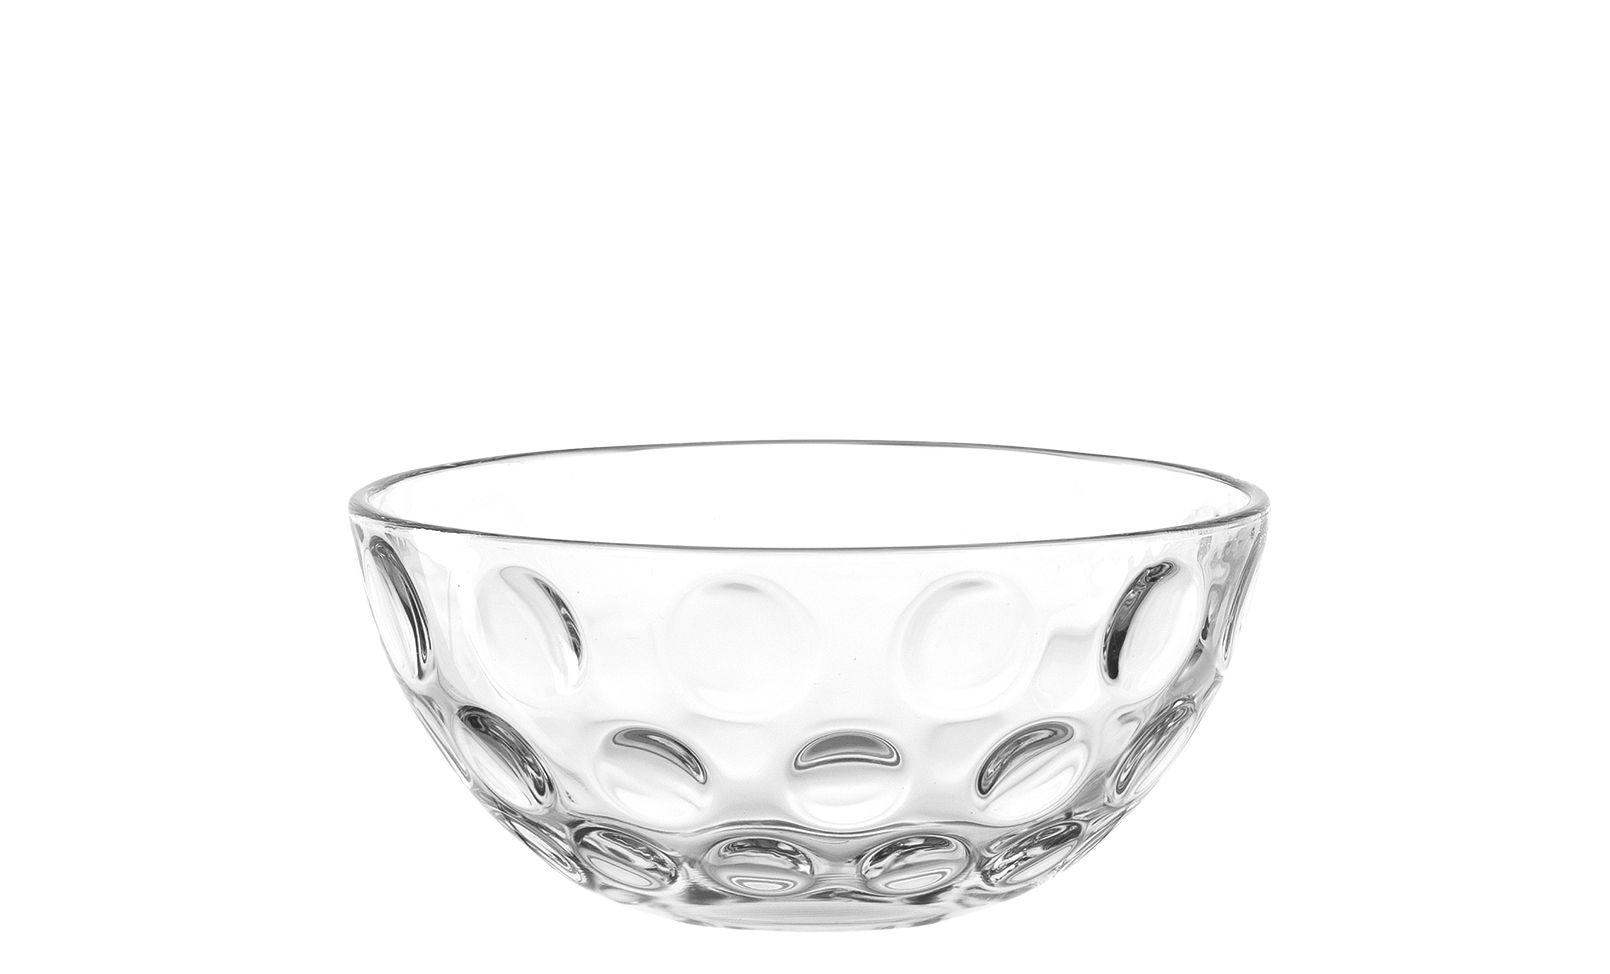 Arts de la table - Saladiers, coupes et bols - Coupelle Optic / Ø 14 x H 7 cm - Leonardo - Transparent - Verre